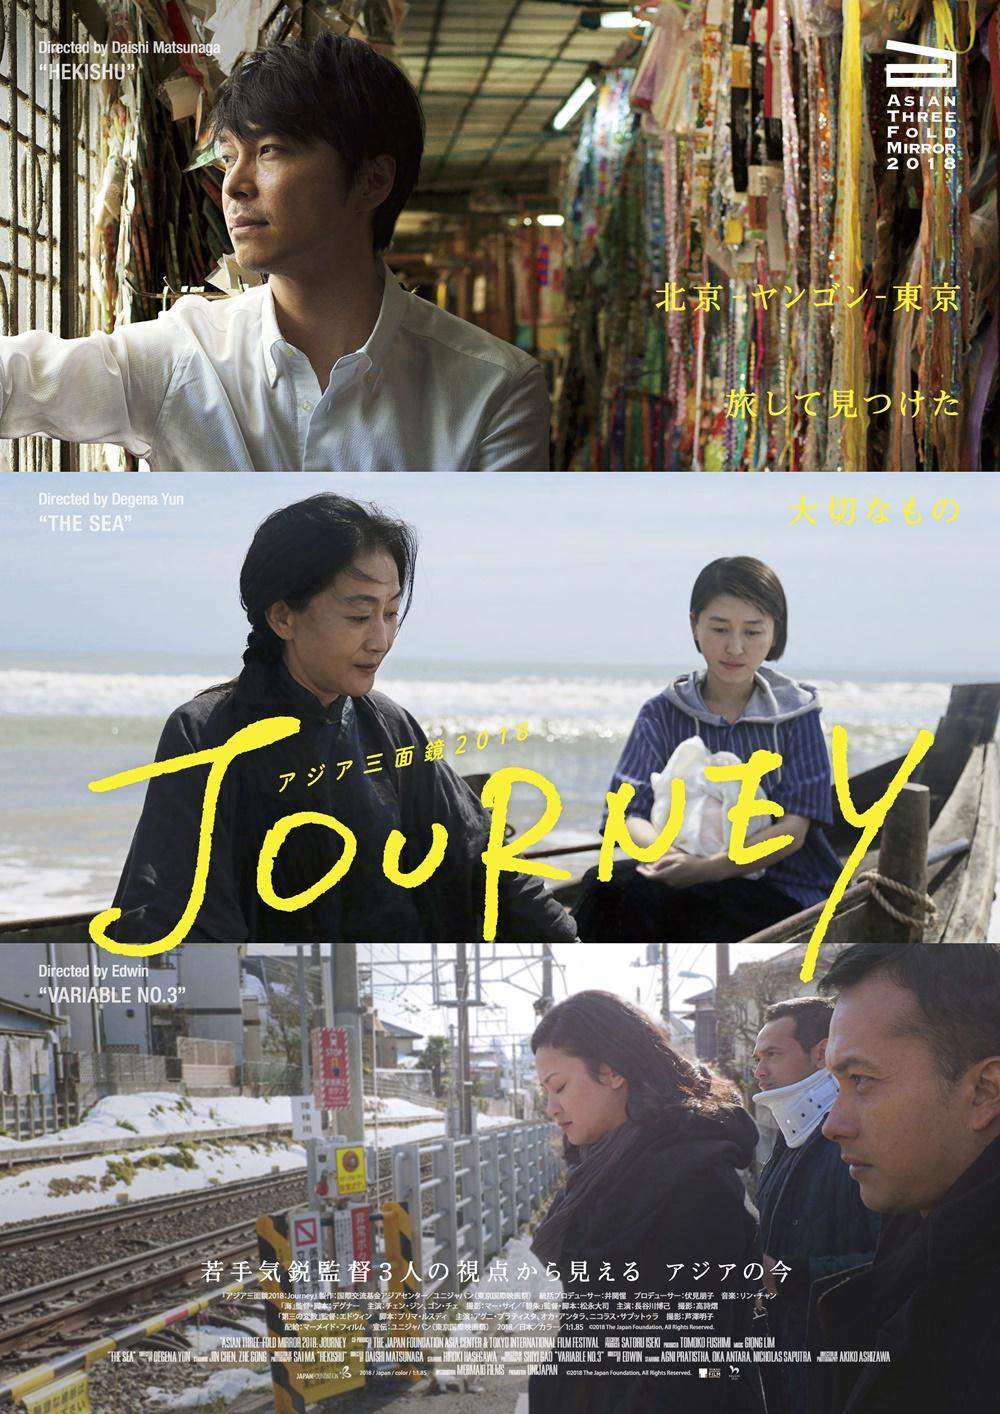 【画像】映画『アジア三面鏡2018:Journey』ポスタービジュアル